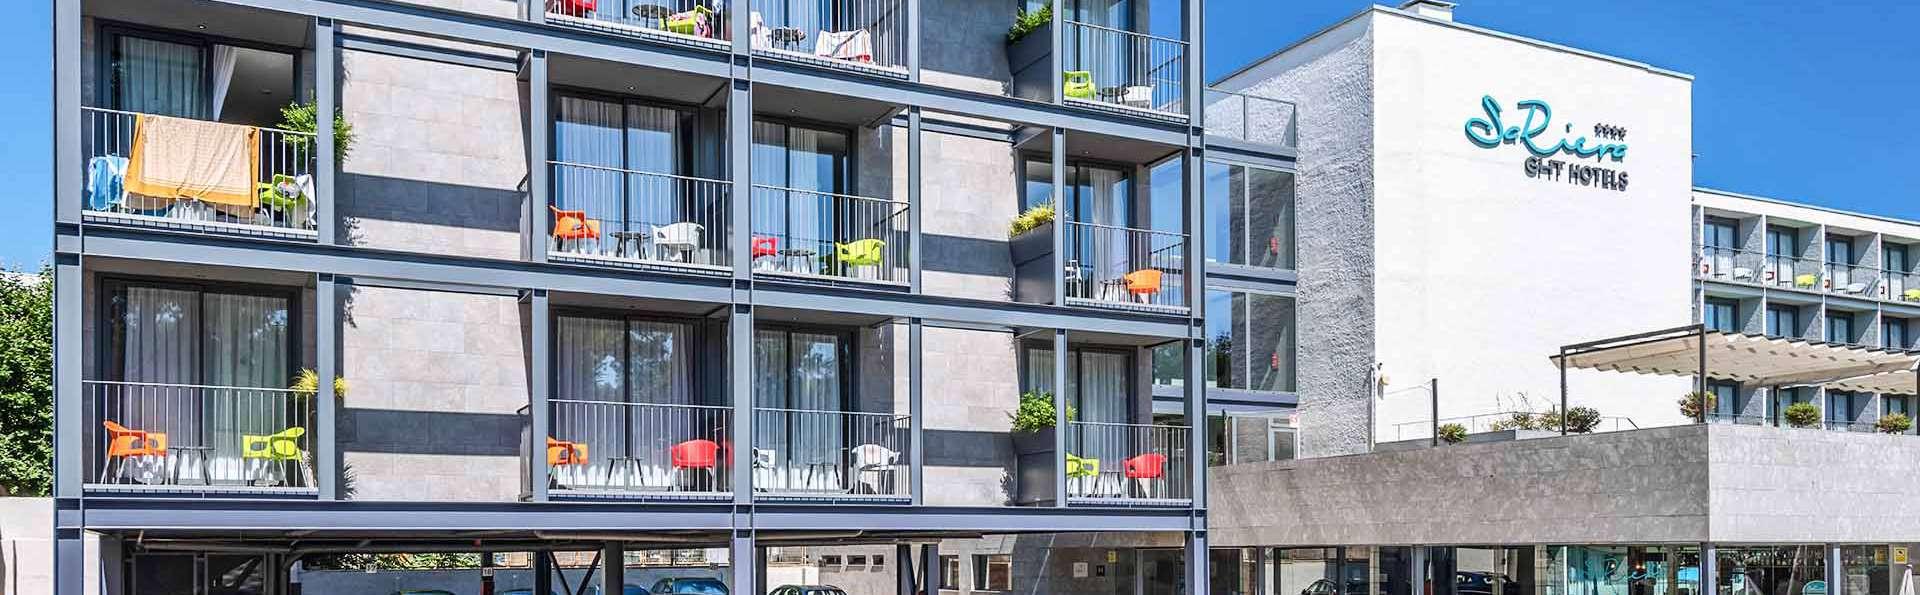 Hotel GHT Sa Riera - EDIT_edifici-ght-hotel-sa-riera-tossa_01.jpg